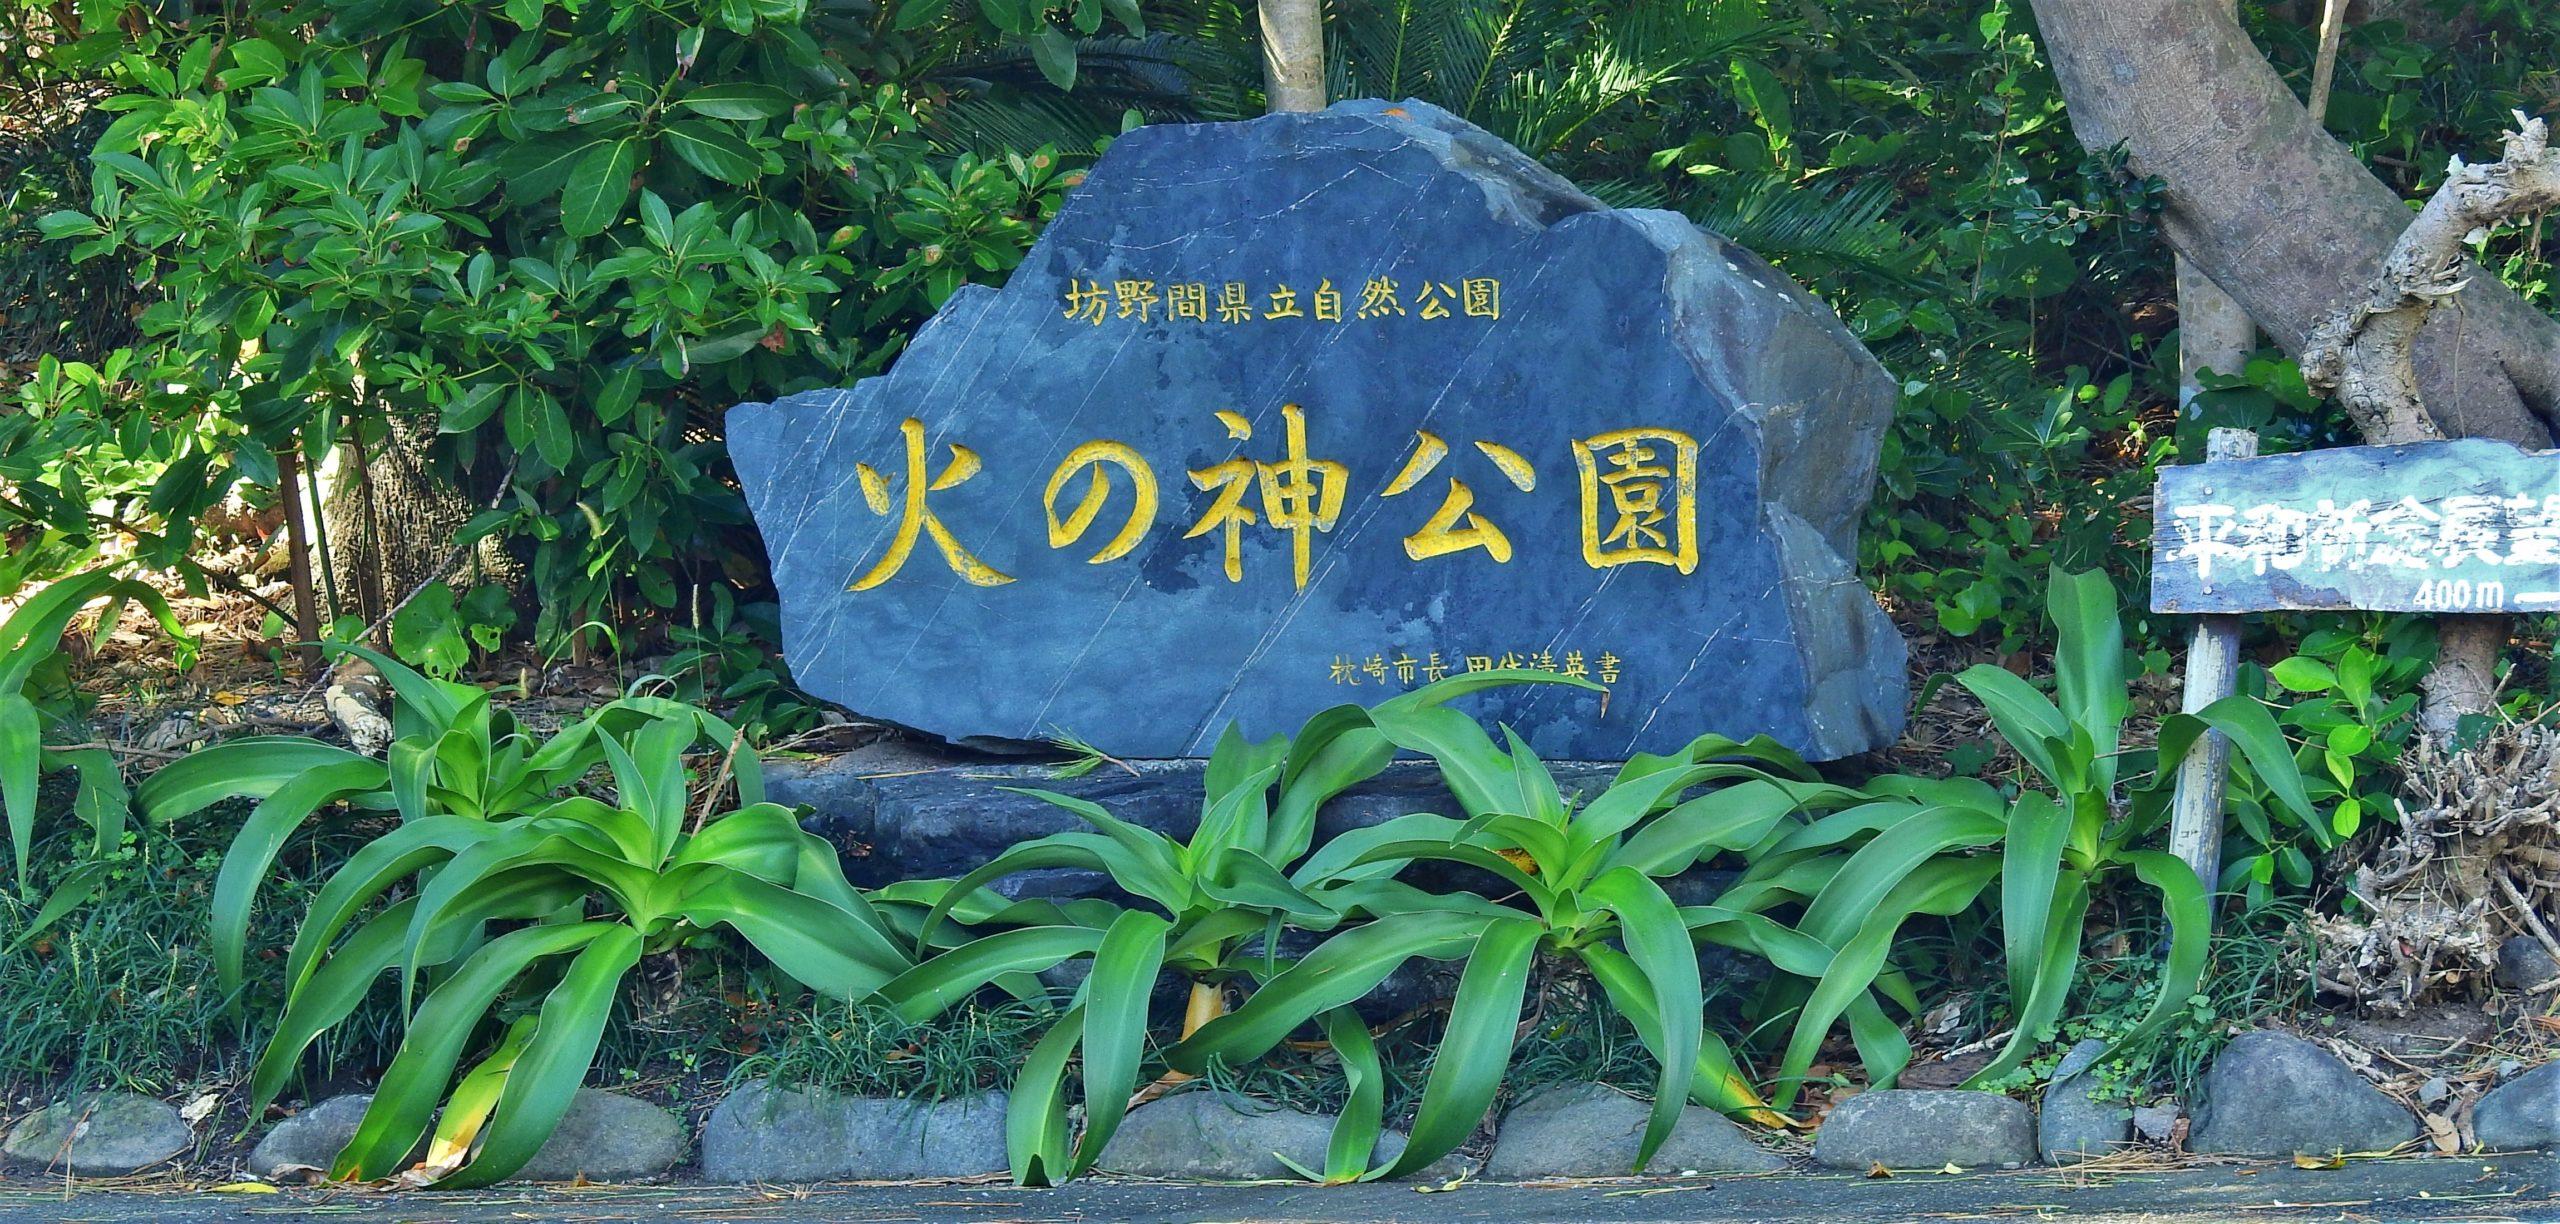 鹿児島県 火之神公園